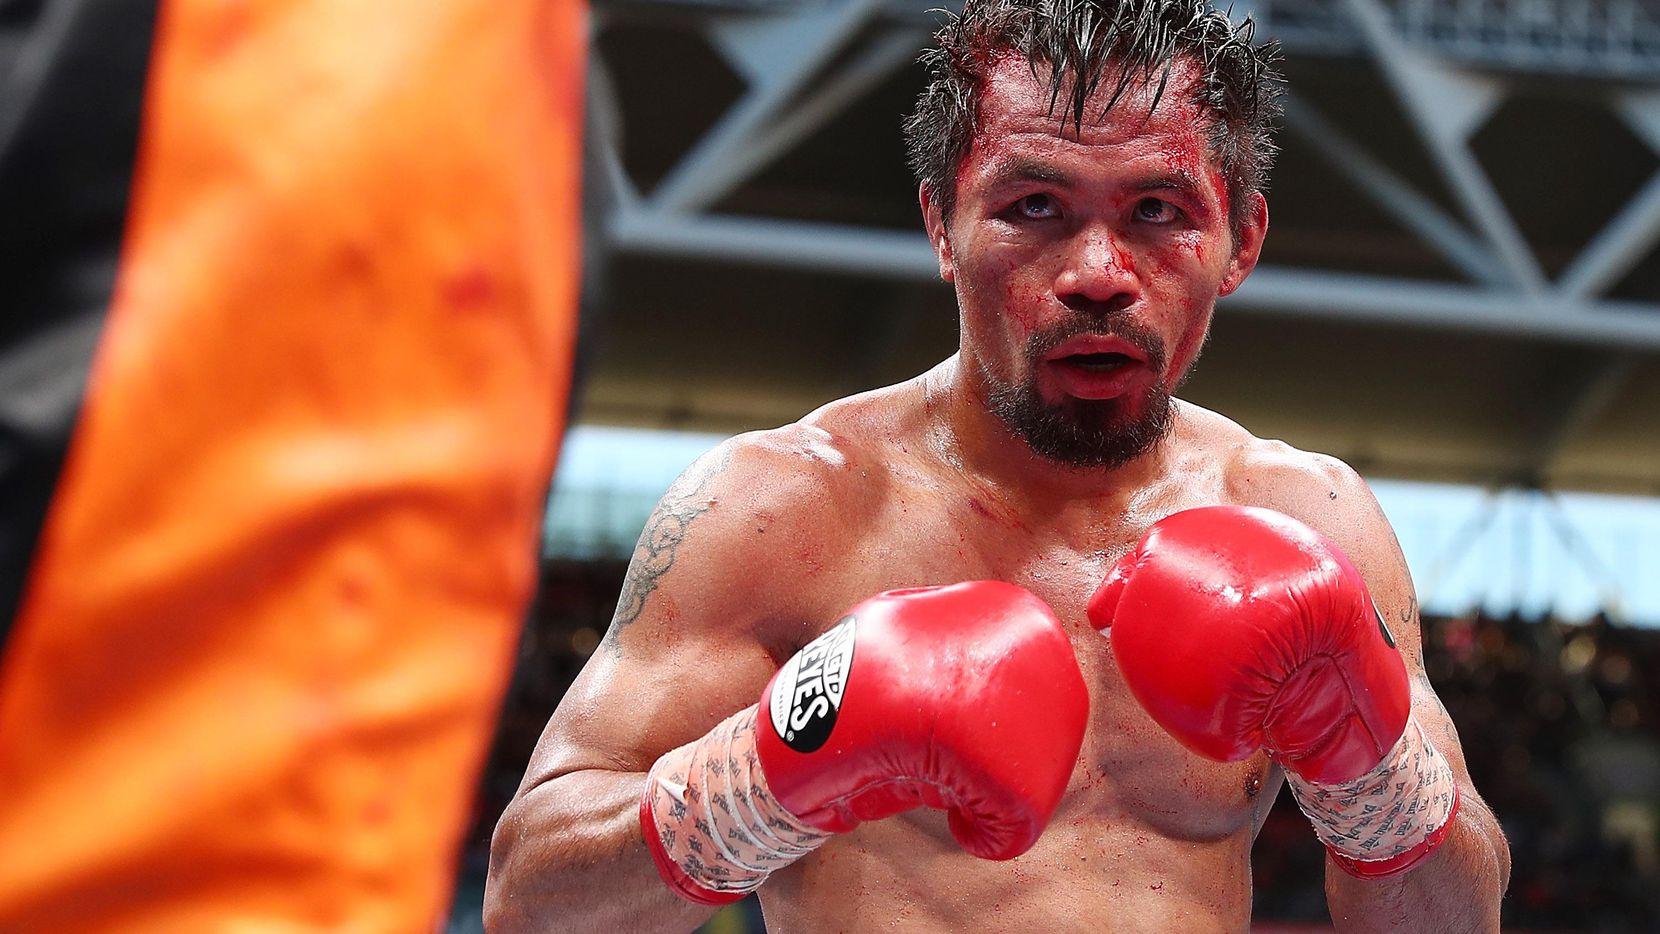 Manny Pacquiao ganó 59 combates, 38 de ellos por nocáut. Matthysse suma 39 victorias (36 por nocáut). (Getty Images/Chris Hyde)